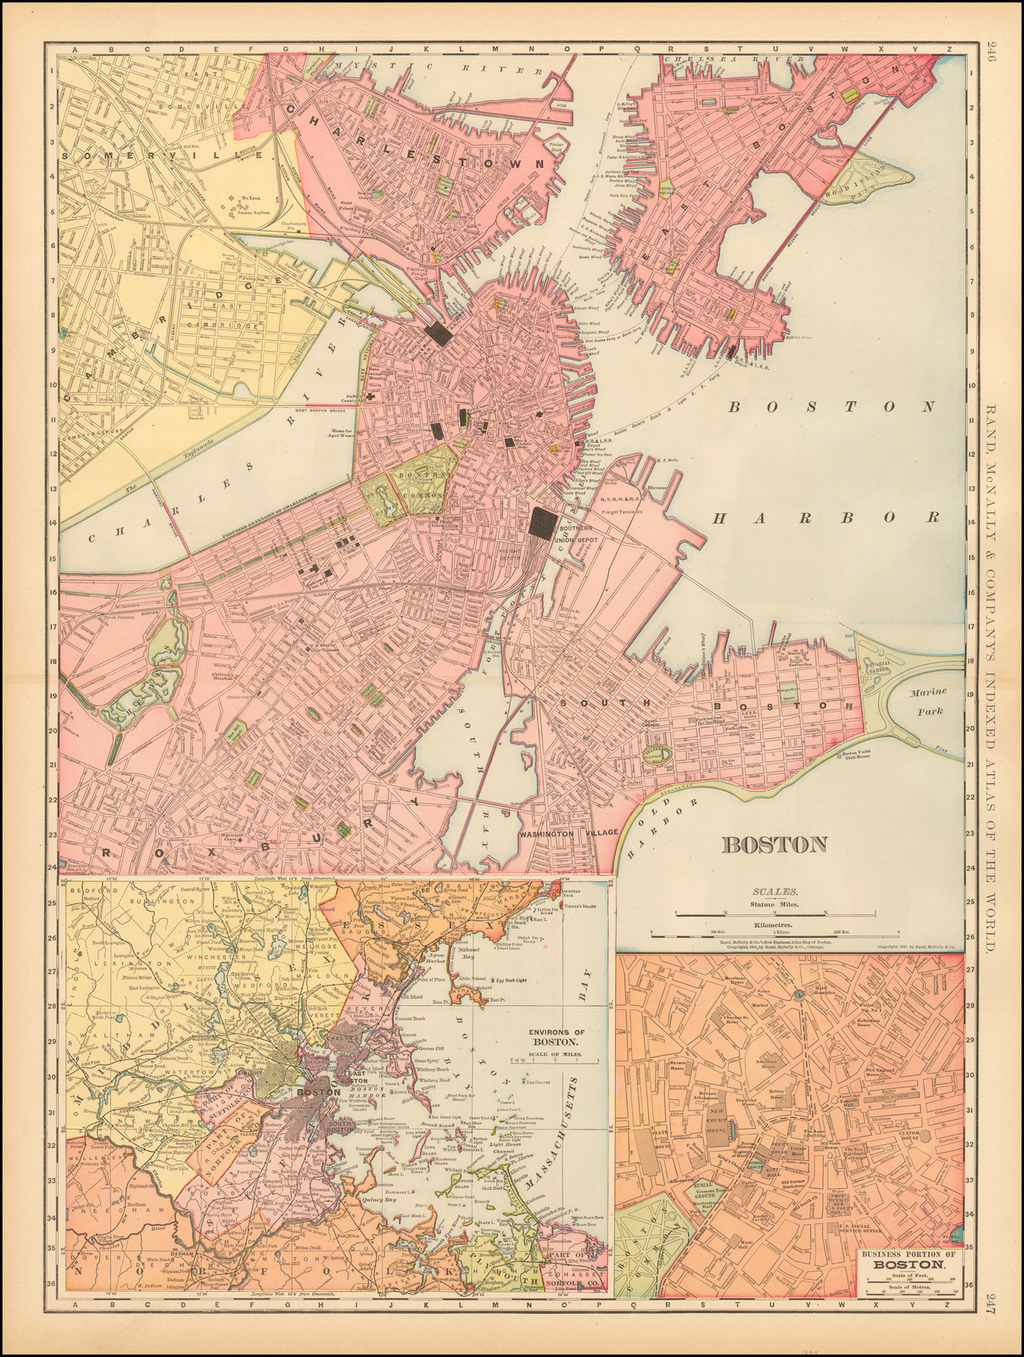 Boston By Rand McNally & Company